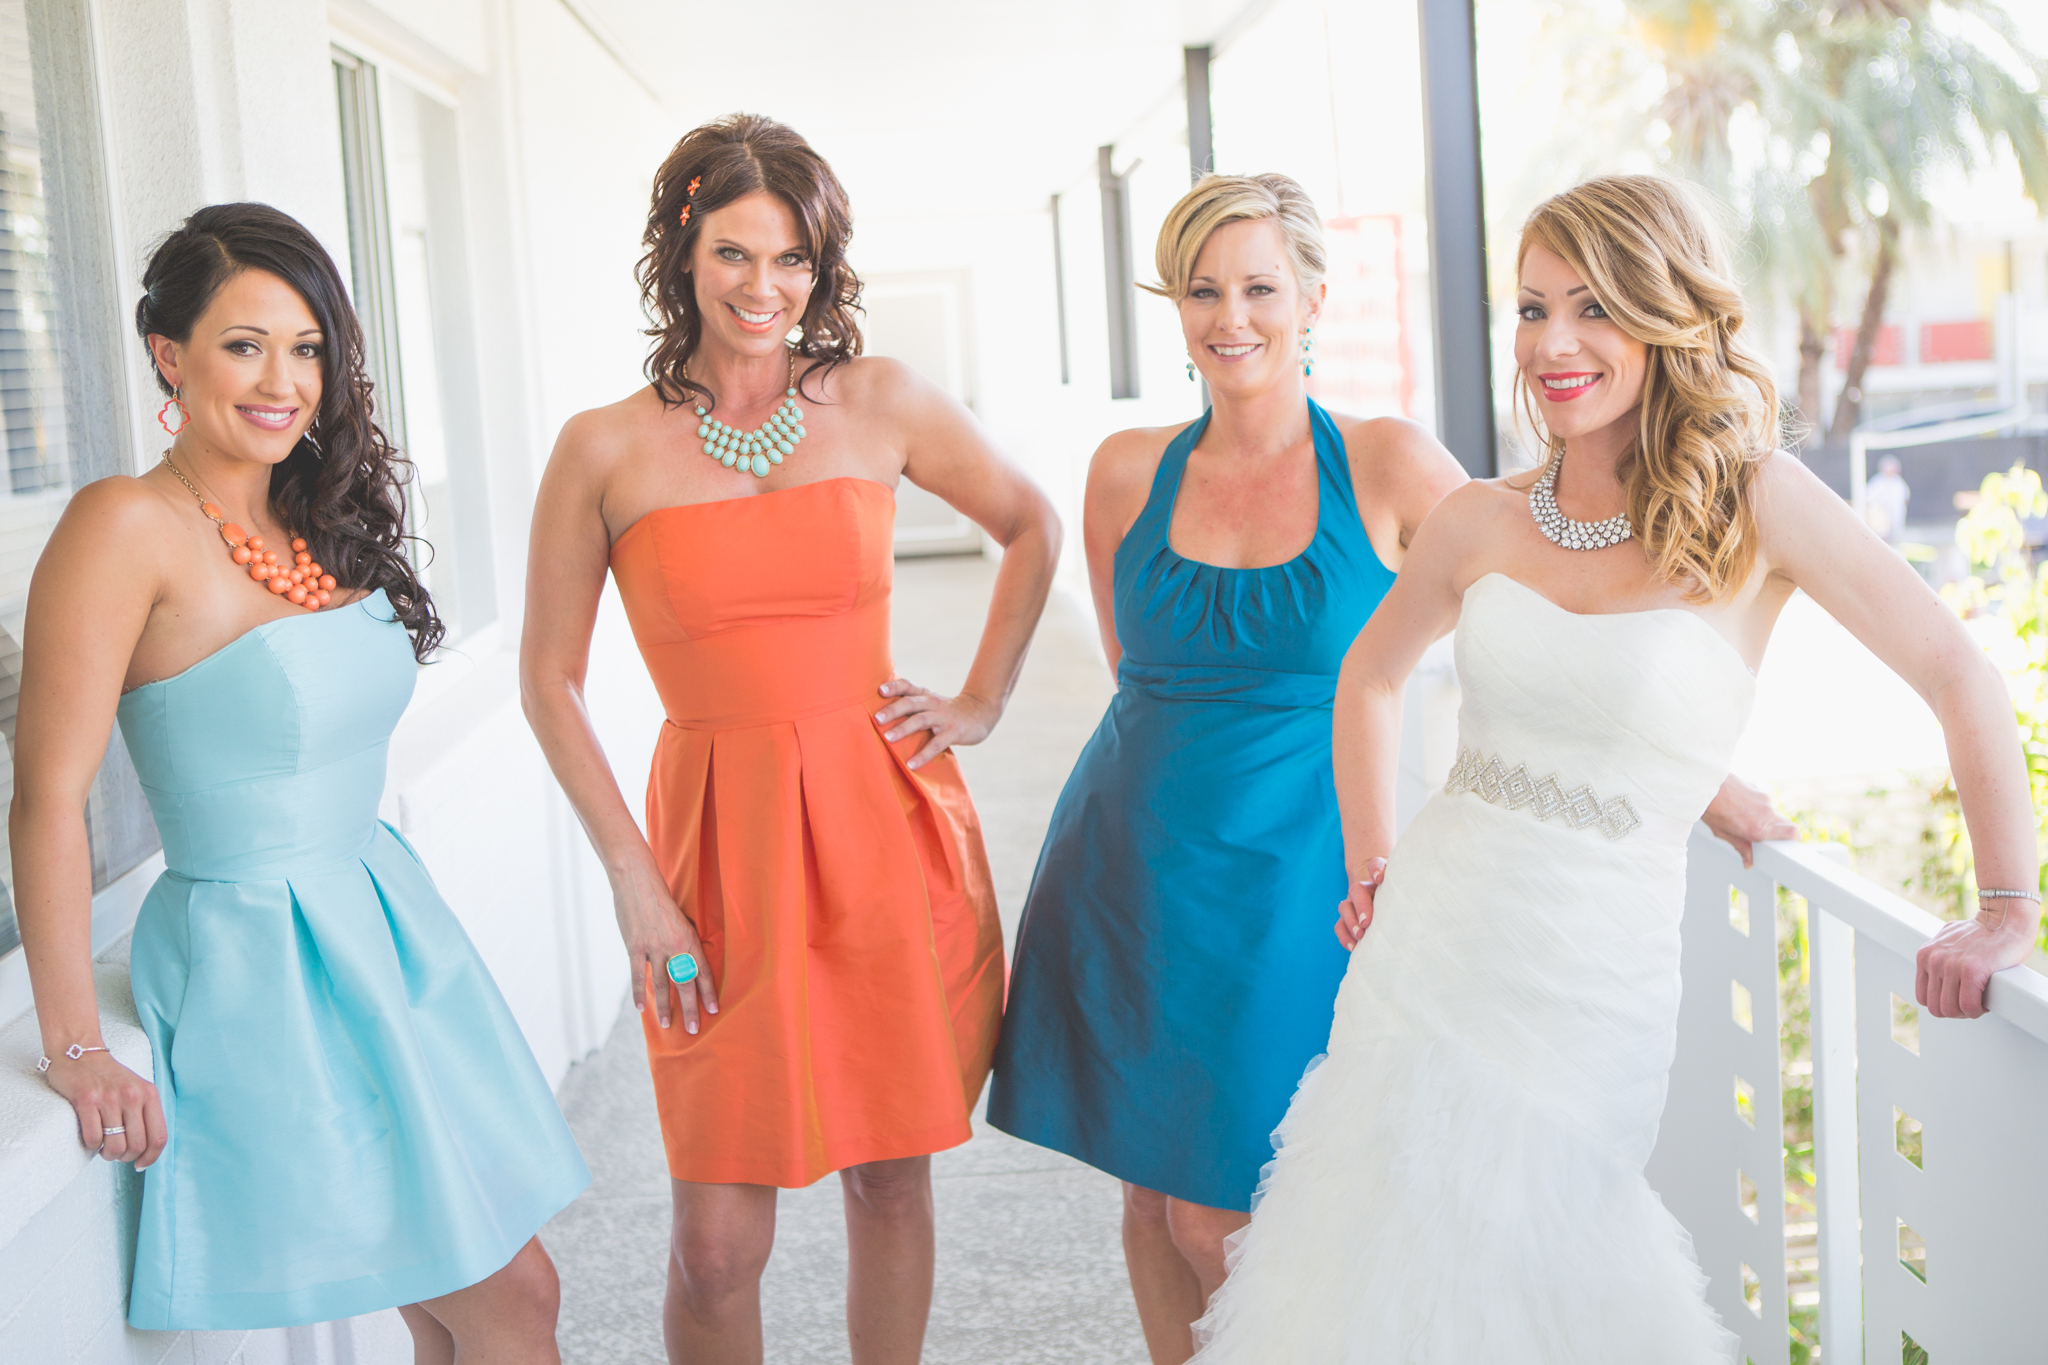 scottsdale-wedding-photographer-el-dorado-bride-bridesmaids-balcony